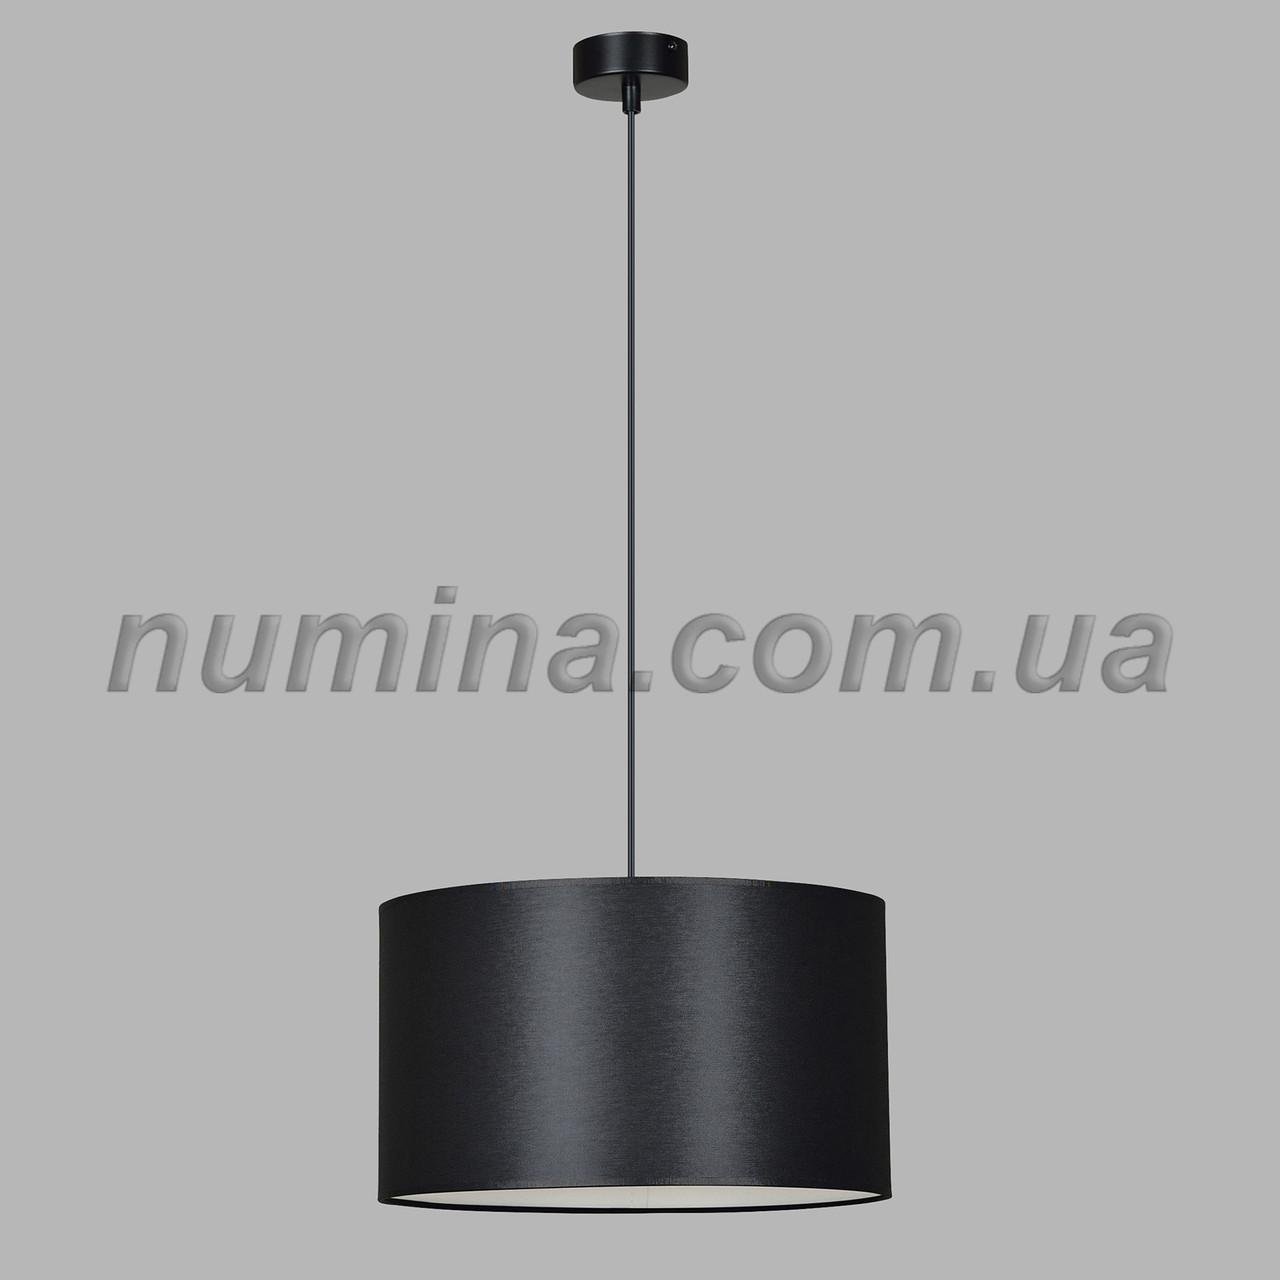 Люстра подвесная на одну лампу 29-S296/1A BK+BK